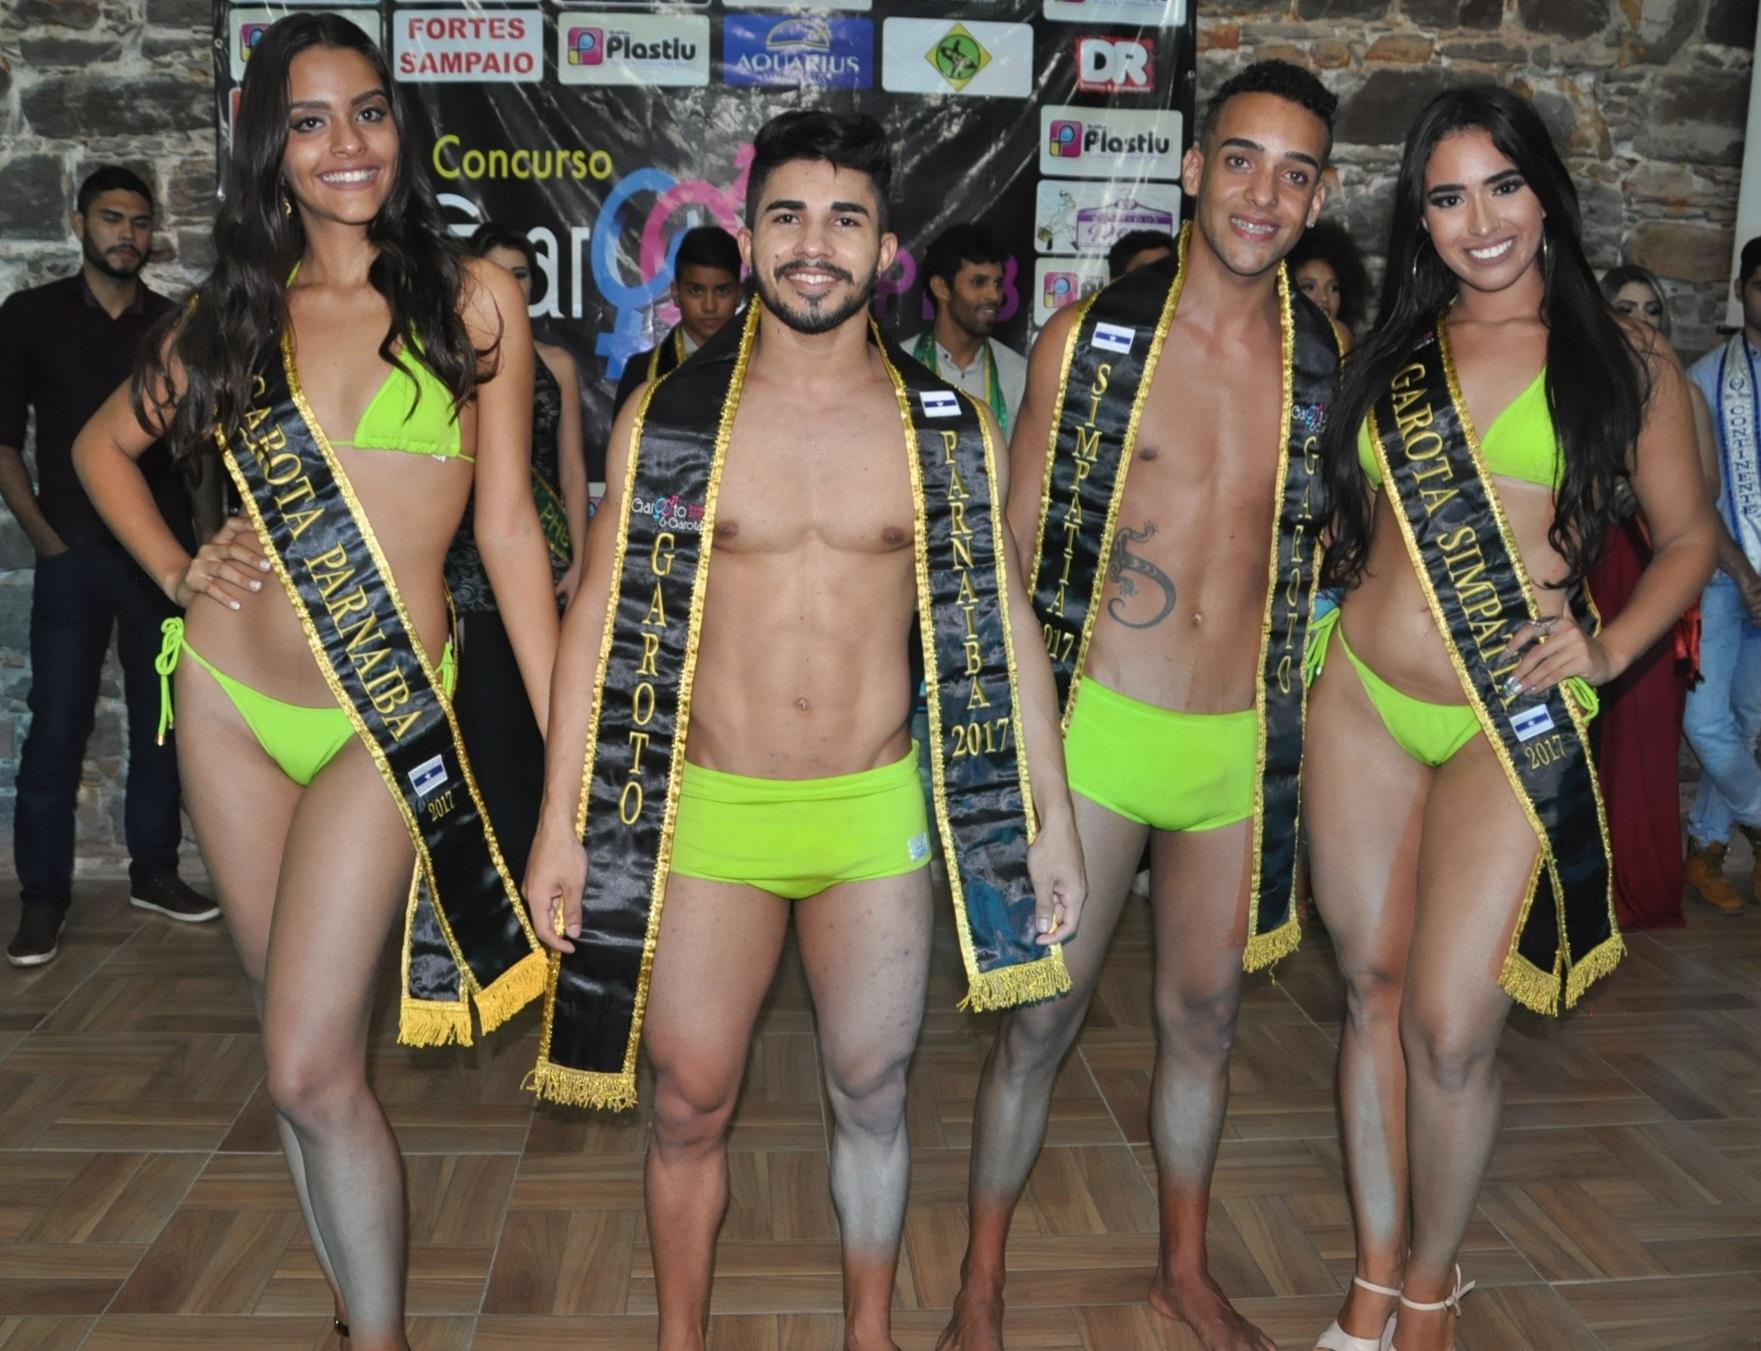 Quézia Diniz e Kassyo Leão, vencem o Concurso Garoto & Garota PHB 2017